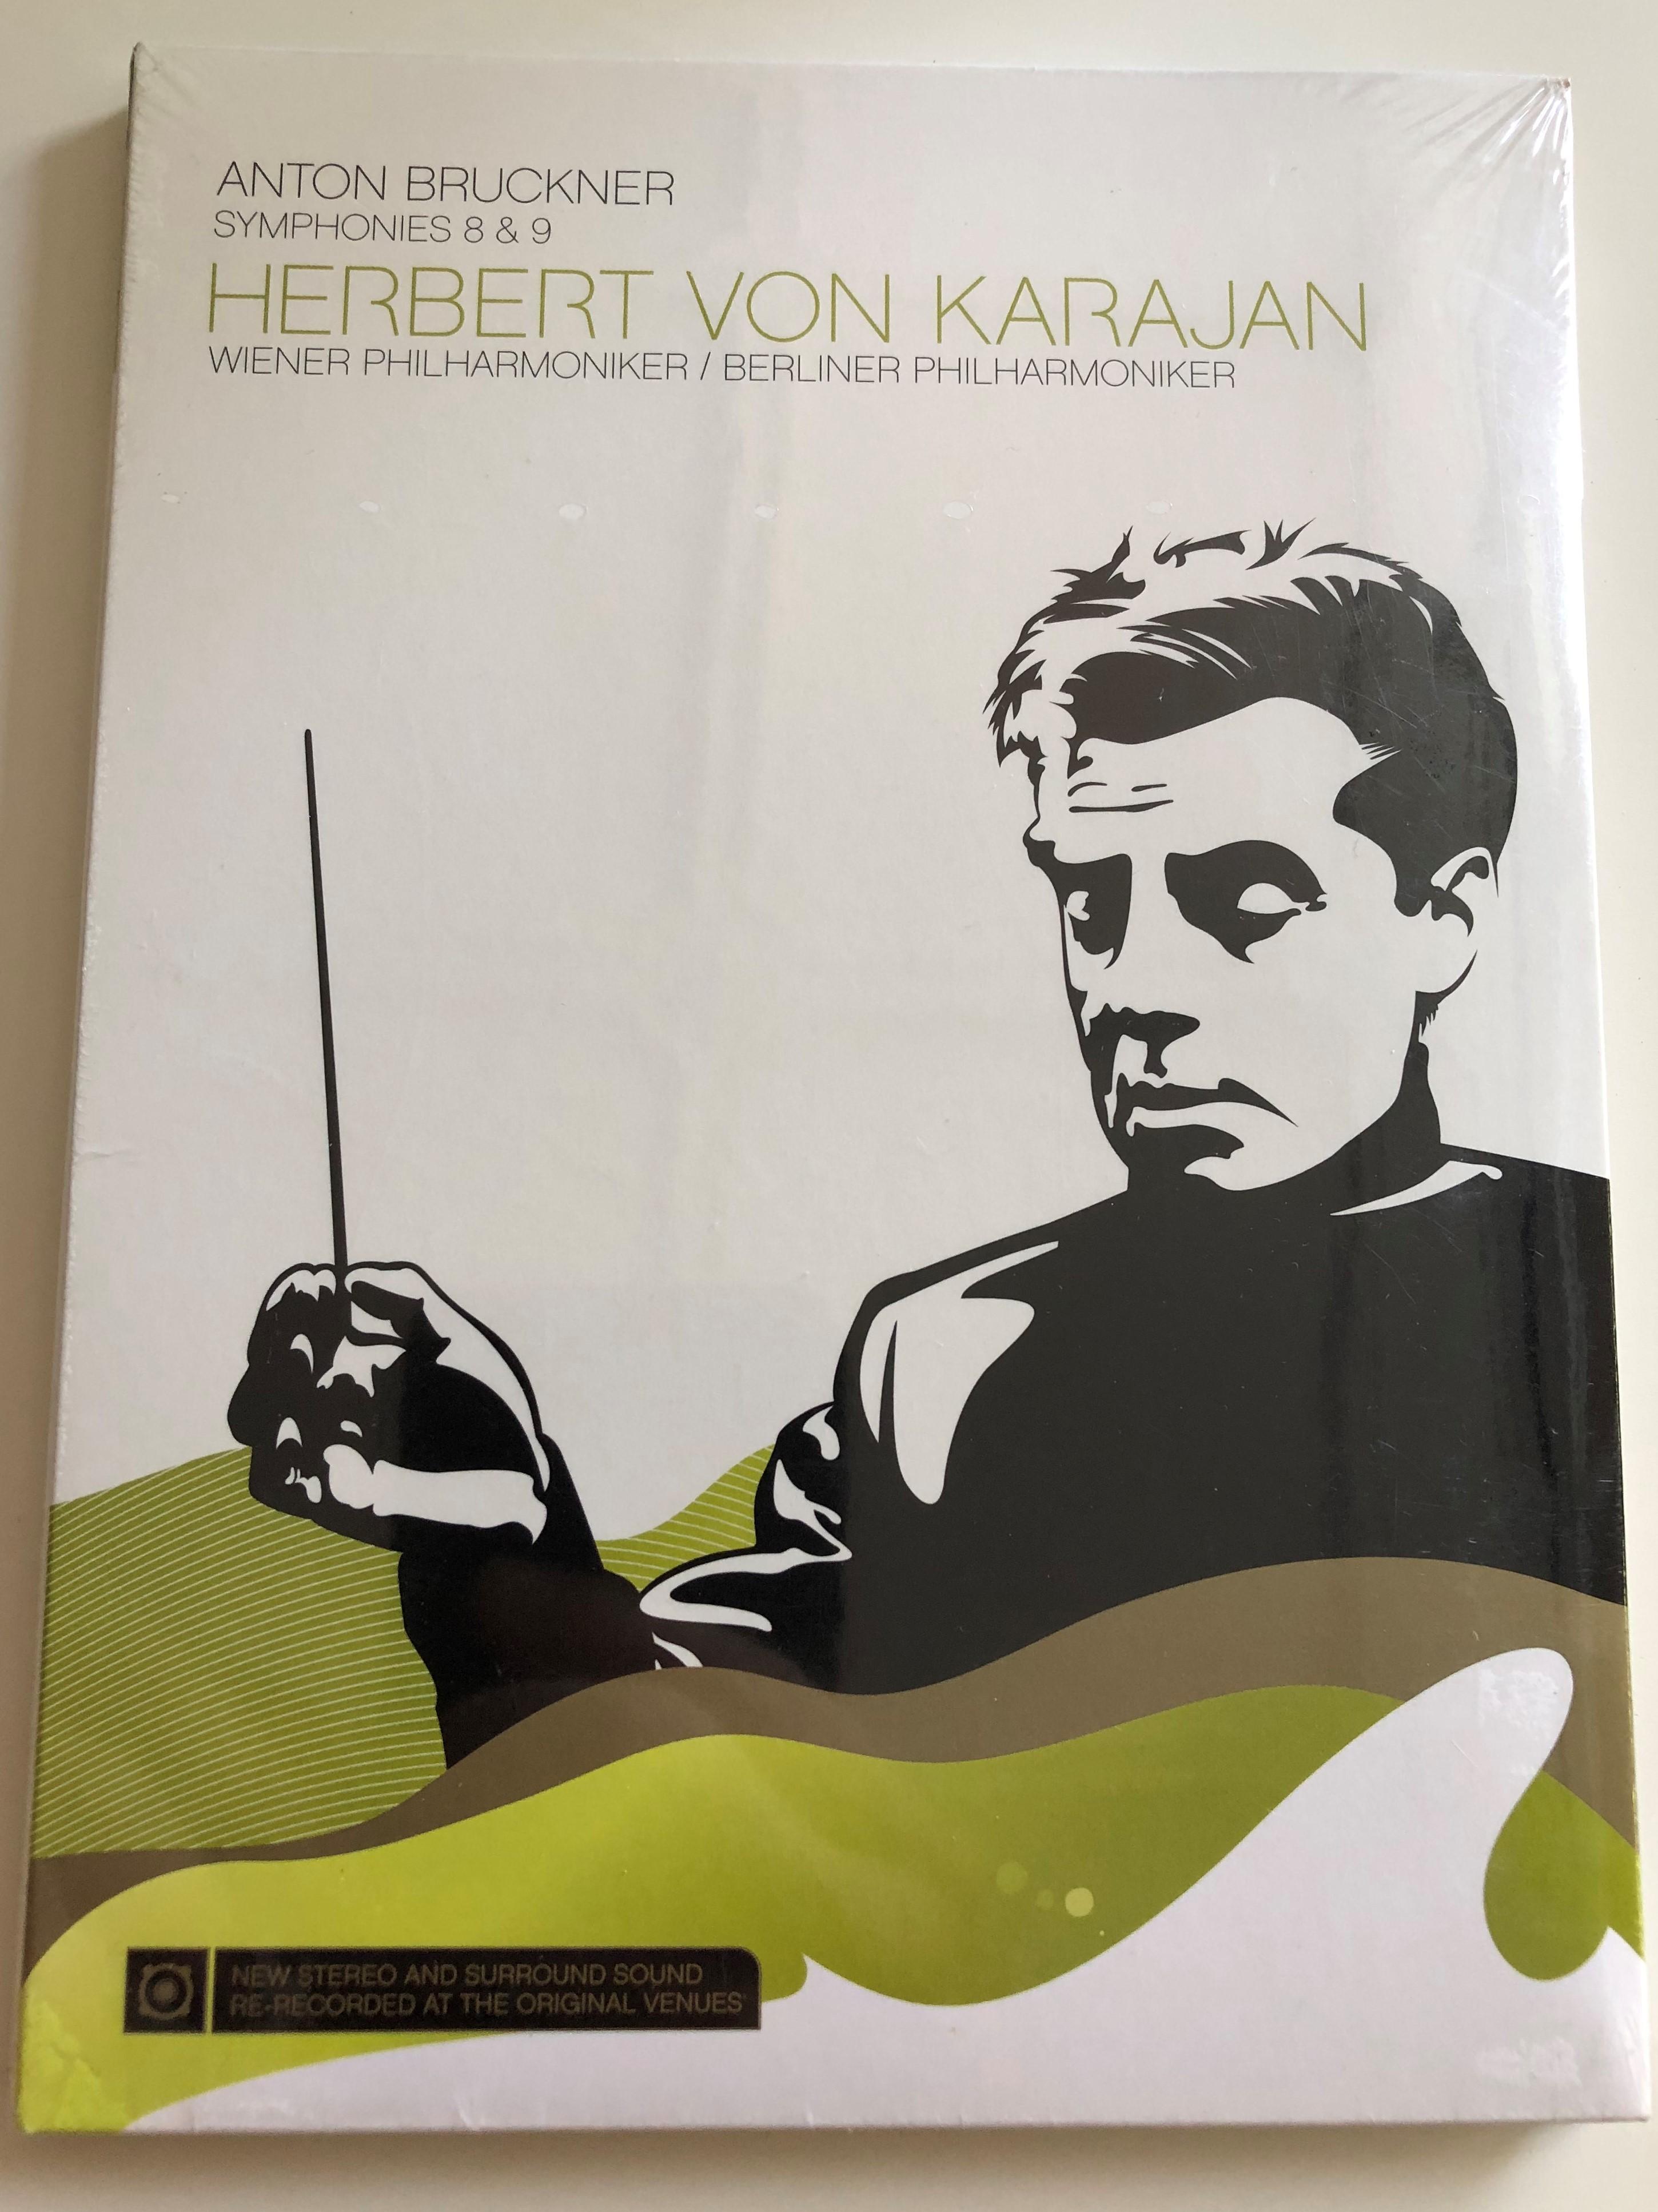 -anton-bruckner-symphonies-8-9-dvd-2007-herbert-von-karajan-wiener-philharmoniker-berliner-philharmoniker-sony-bmg-1-.jpg